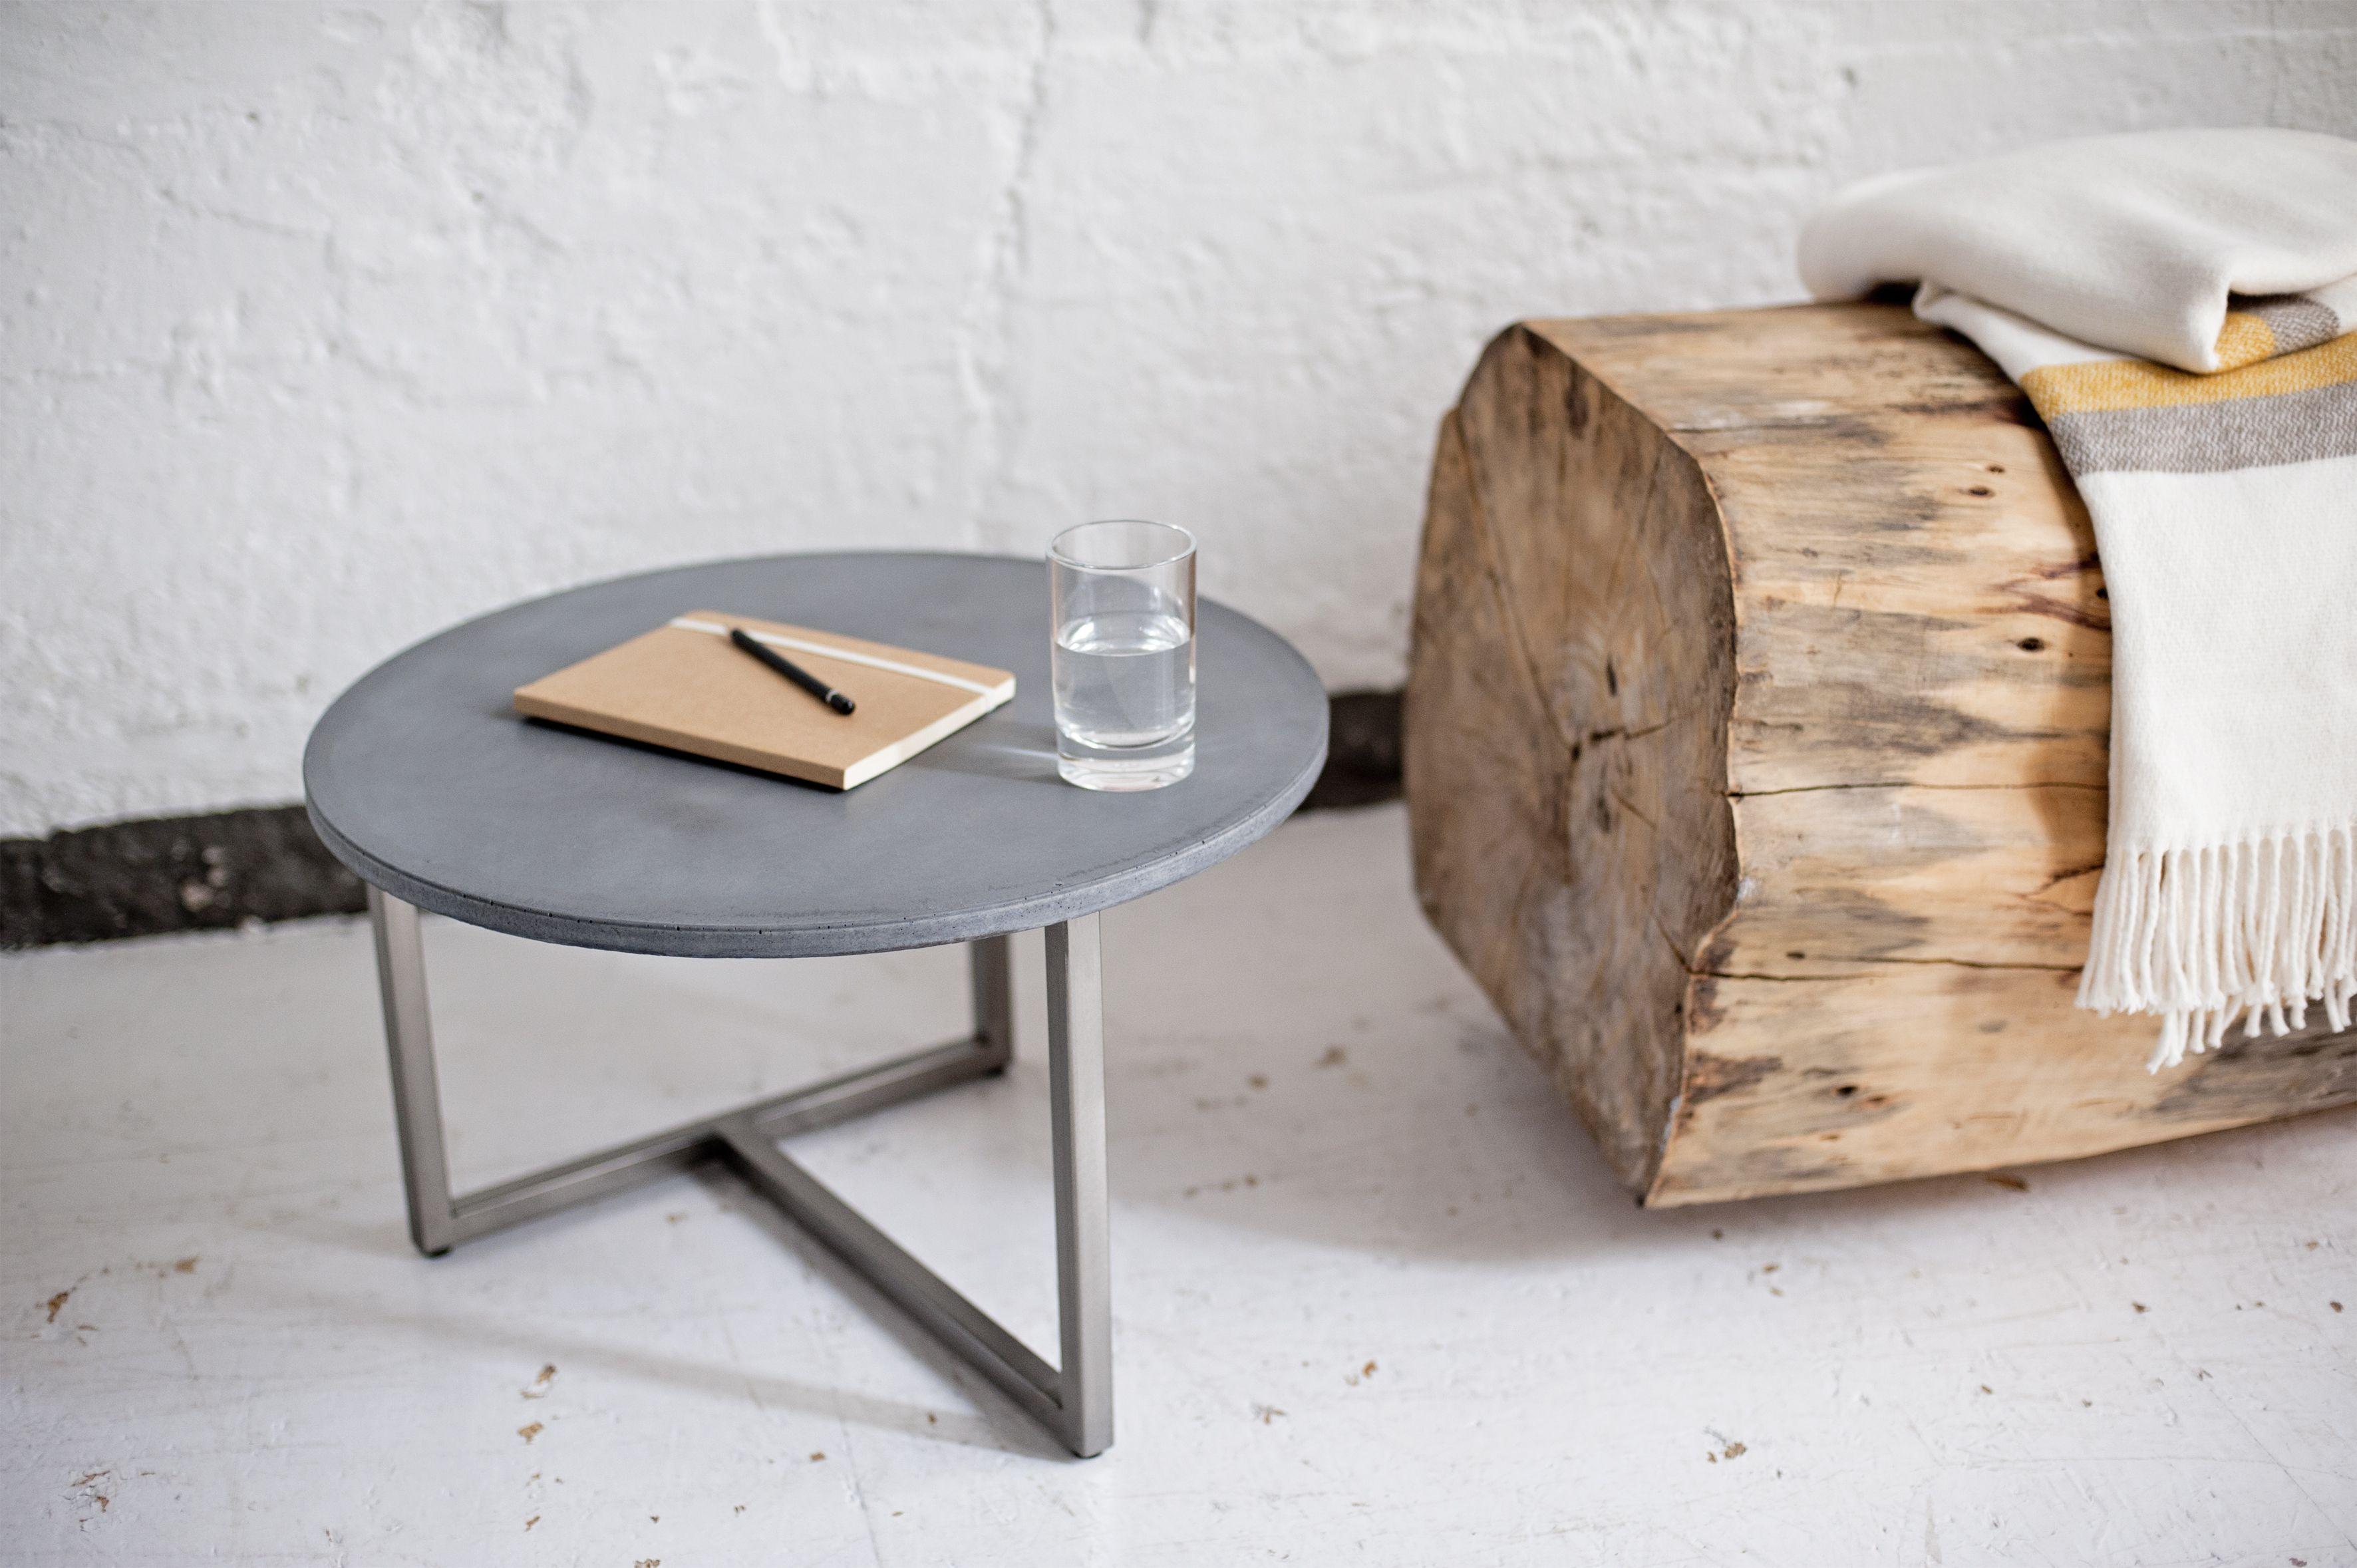 Fabulous WOW Handgefertigter runder Couchtisch aus Beton und Stahl Dieses Betonm bel ist ein echter Eyecatcher